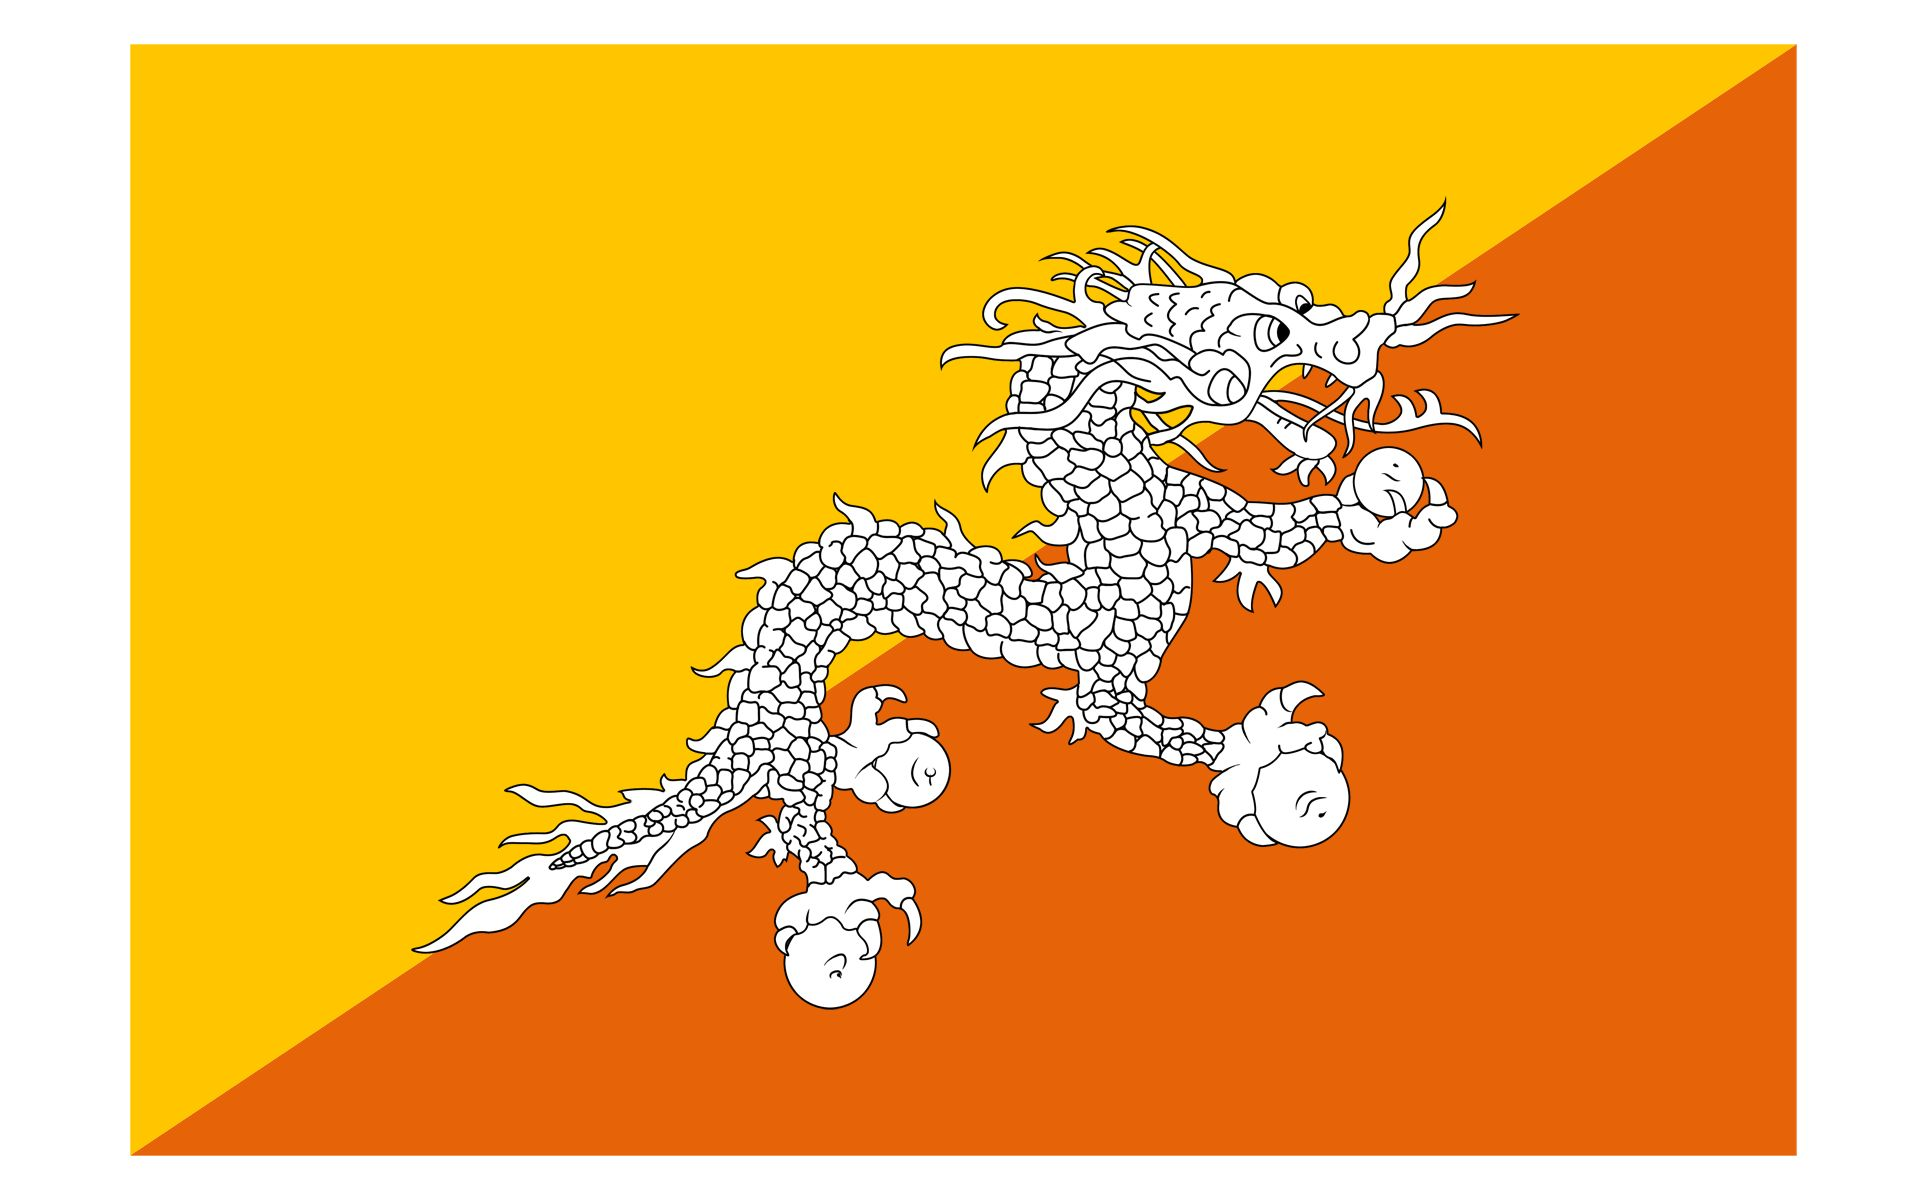 【不丹人口2019總人數】不丹人口數量2019|不丹男女比例